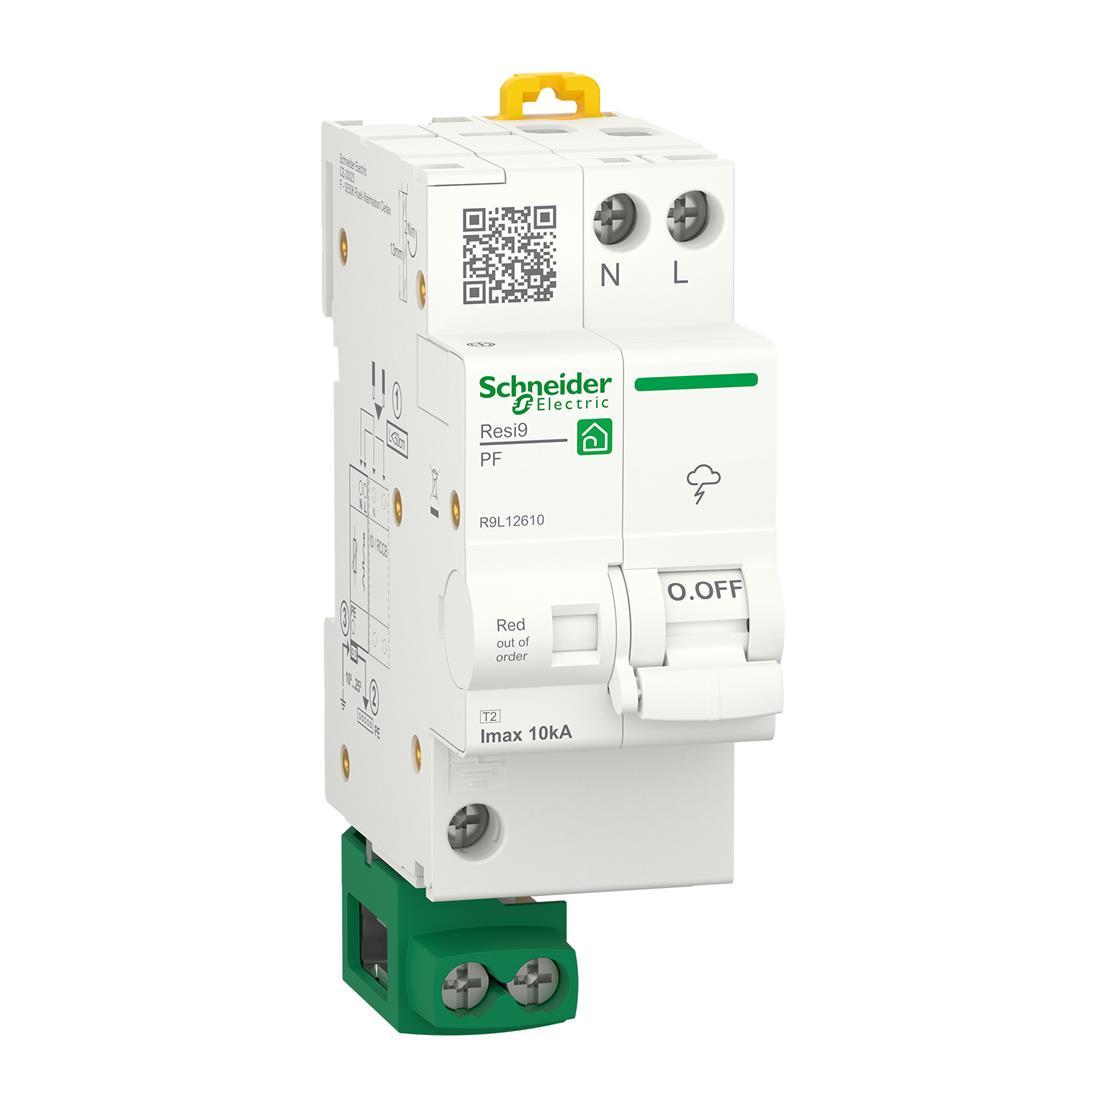 Schneider Electric overspanningsbeveiliging 1-polig+nul (R9L12610)